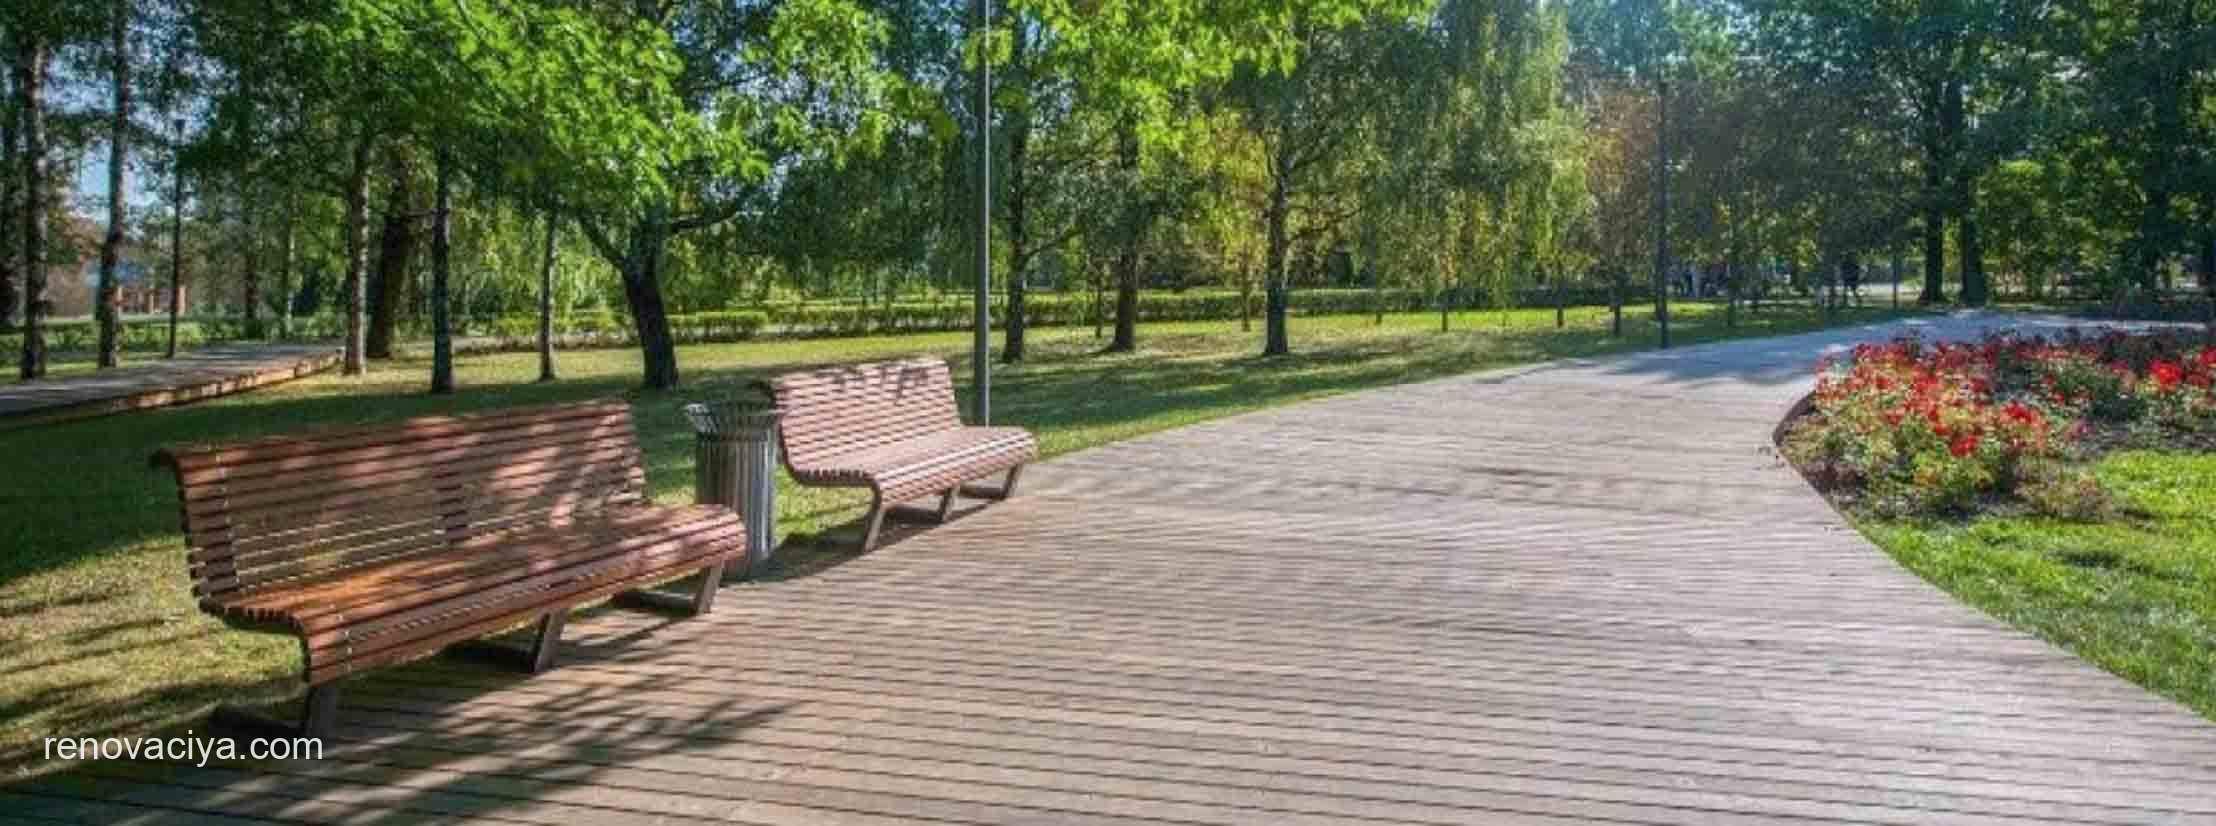 в порядок приведут 160 парков и 4,5 тысячи дворов